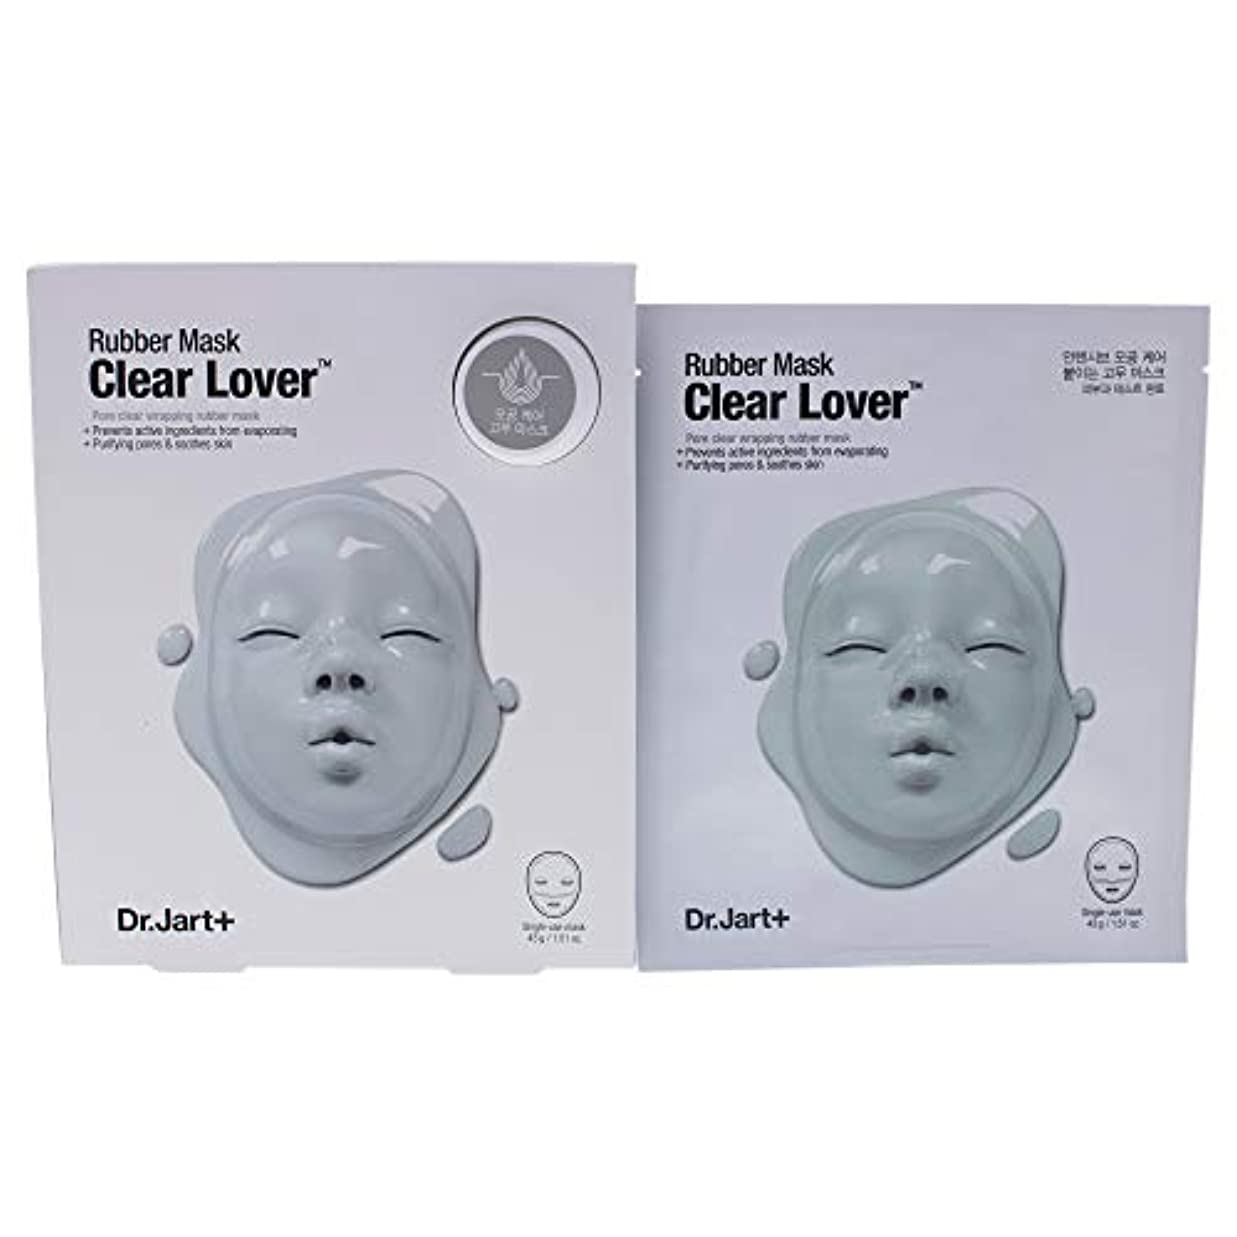 コマンド輪郭安息Rubber Mask Clear Lover